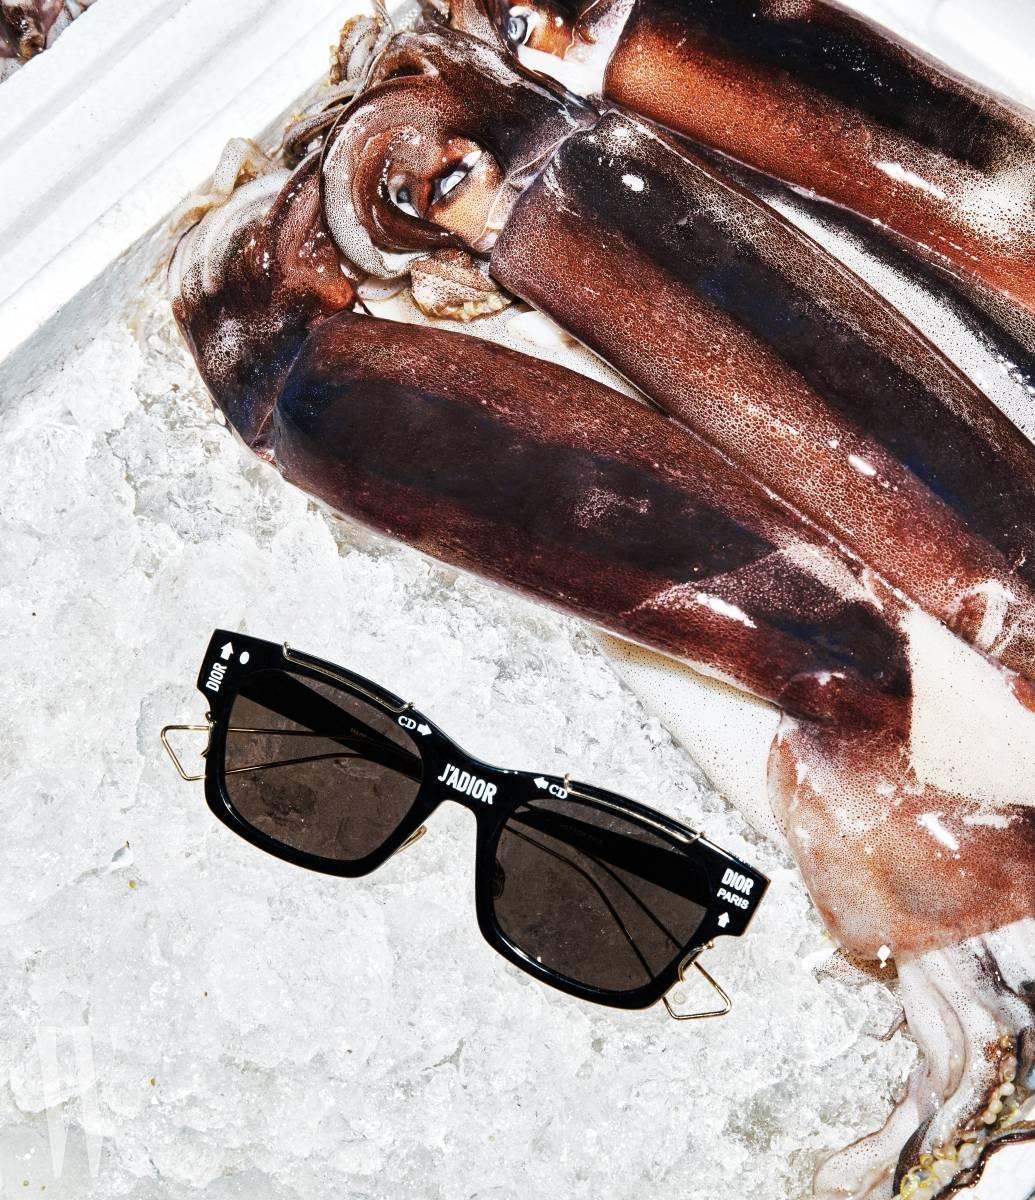 감각적인 로고 장식이 더해진 선글라스는 디올 제품. 가격 미정.